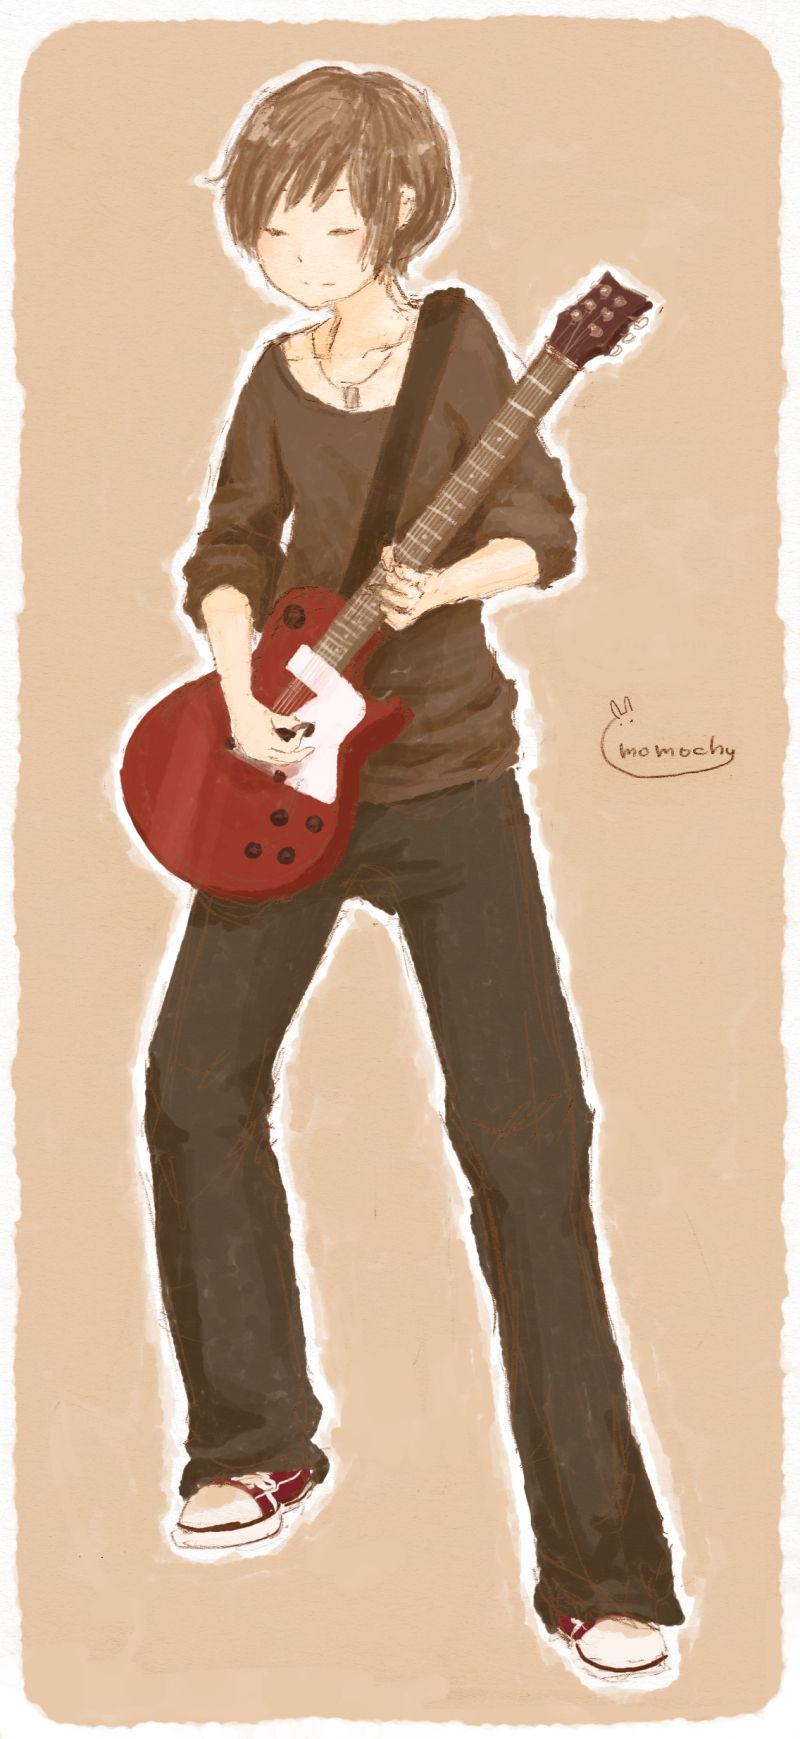 いらすと*ギター弾いてるギターくん